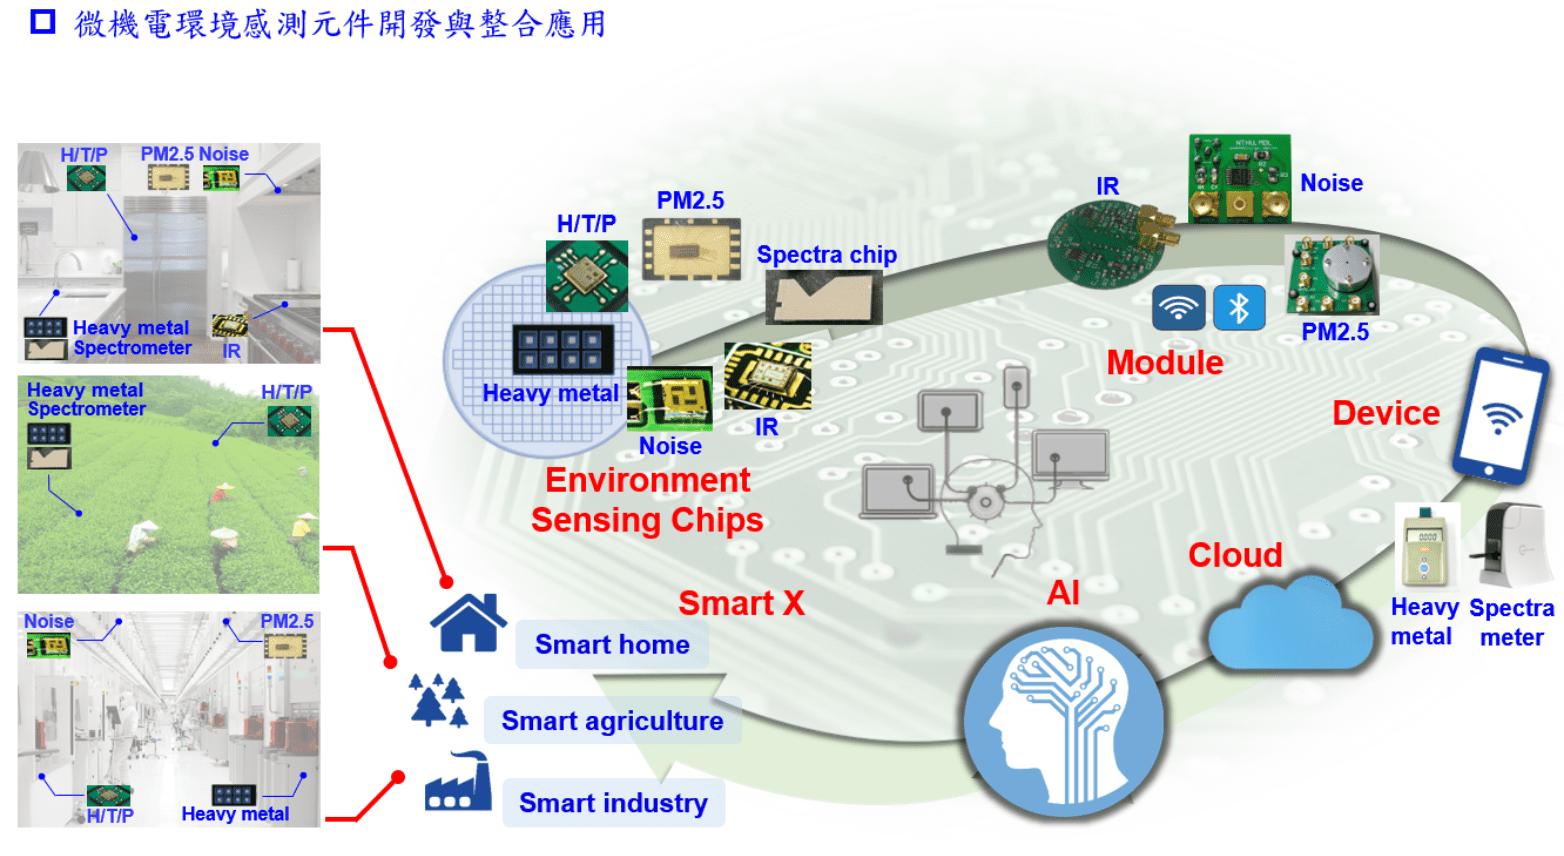 因應超越摩爾時代之智慧終端微機電環境感測器集成